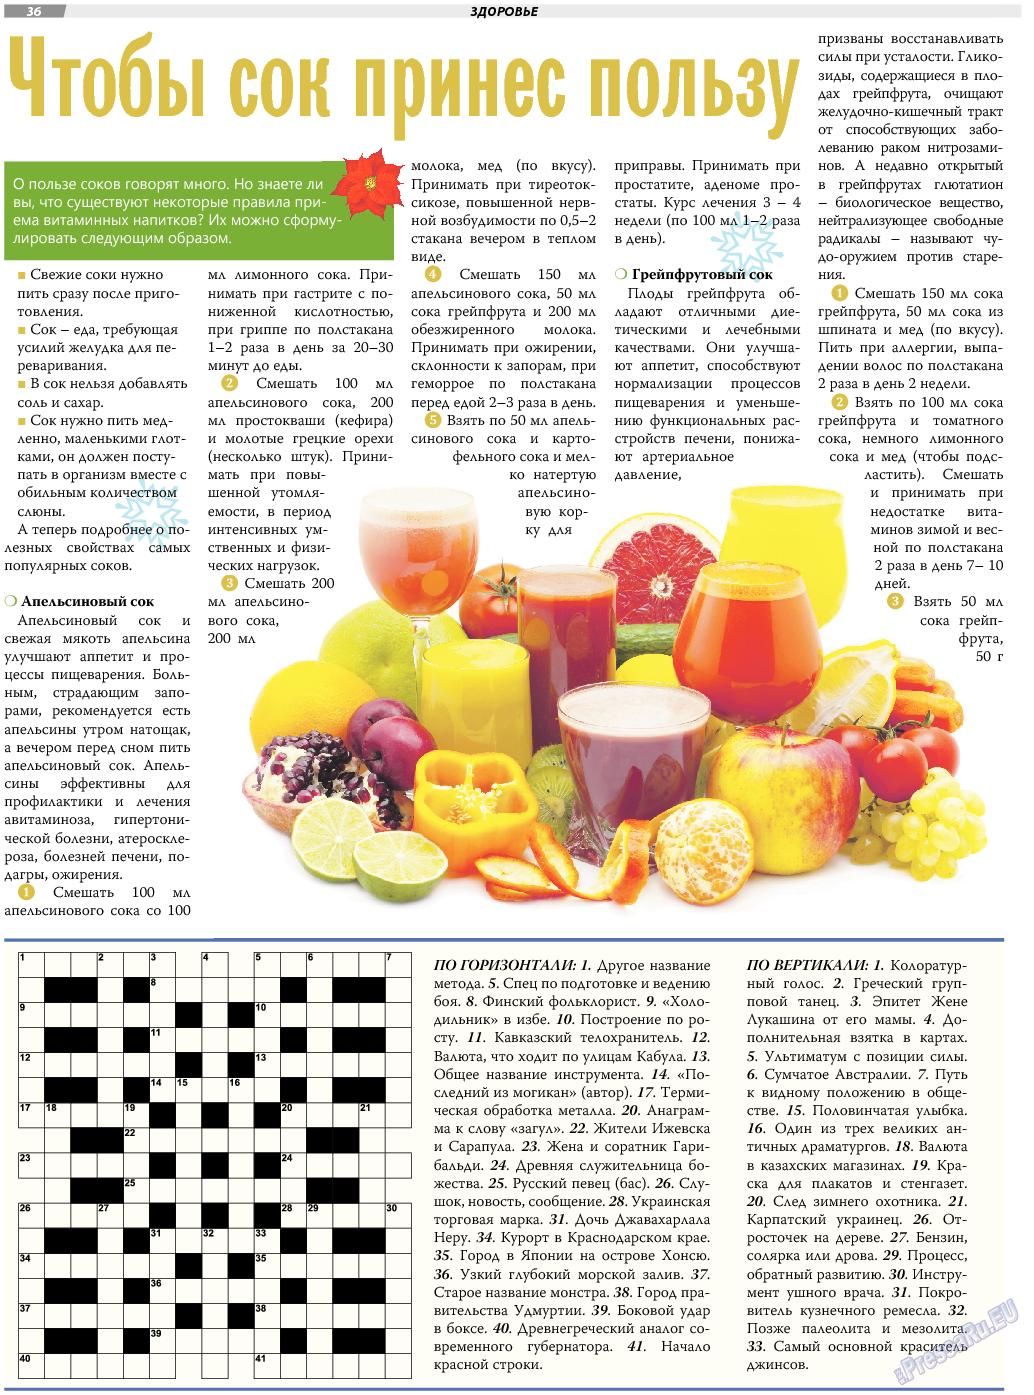 TVrus (газета). 2017 год, номер 50, стр. 36